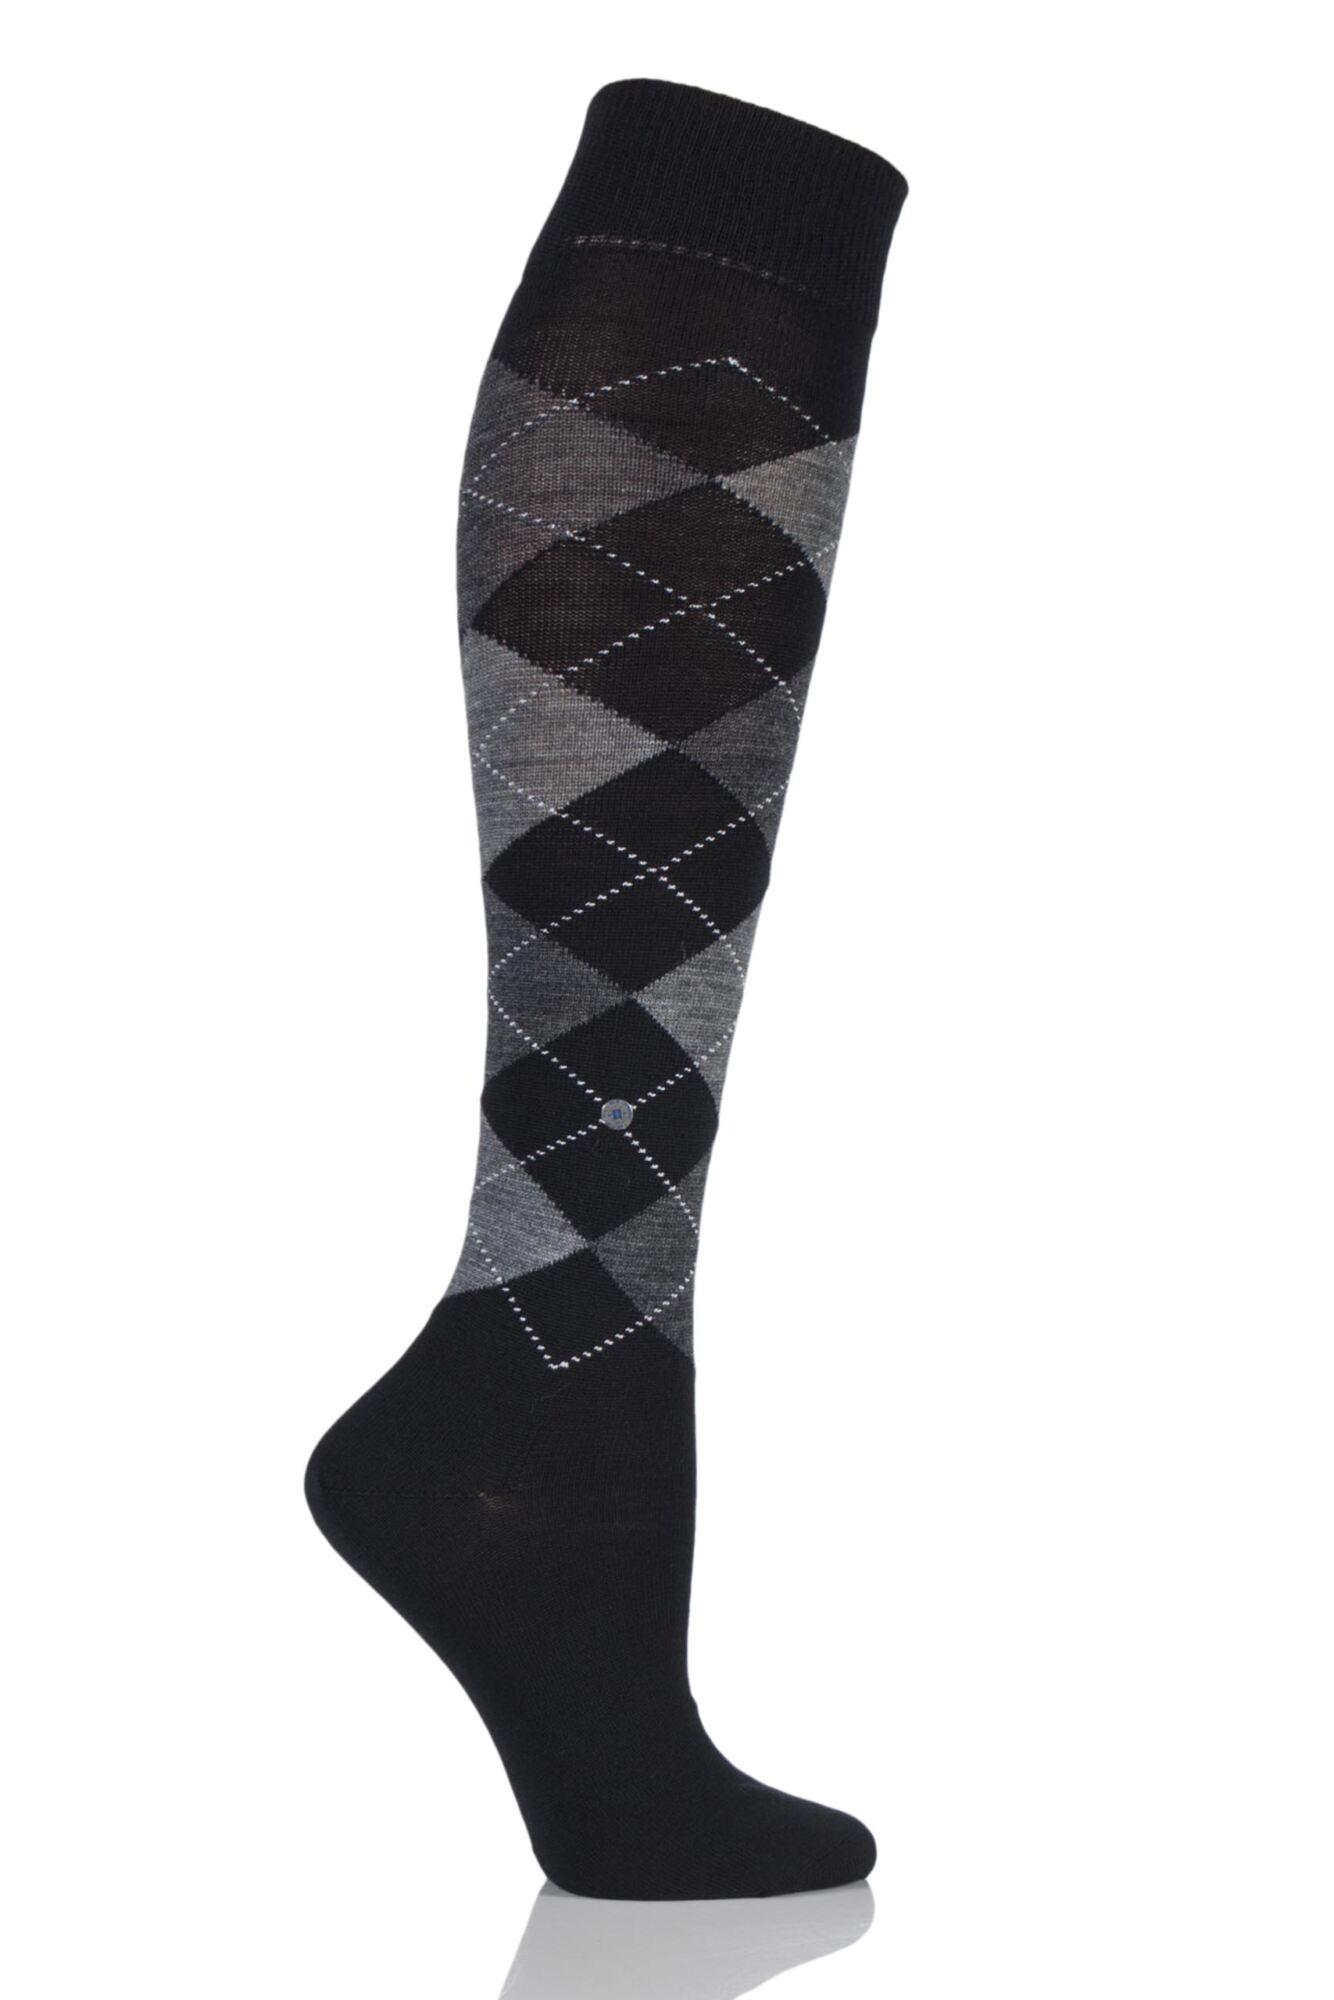 1 Pair Marylebone Argyle Wool Knee High Socks Ladies - Burlington